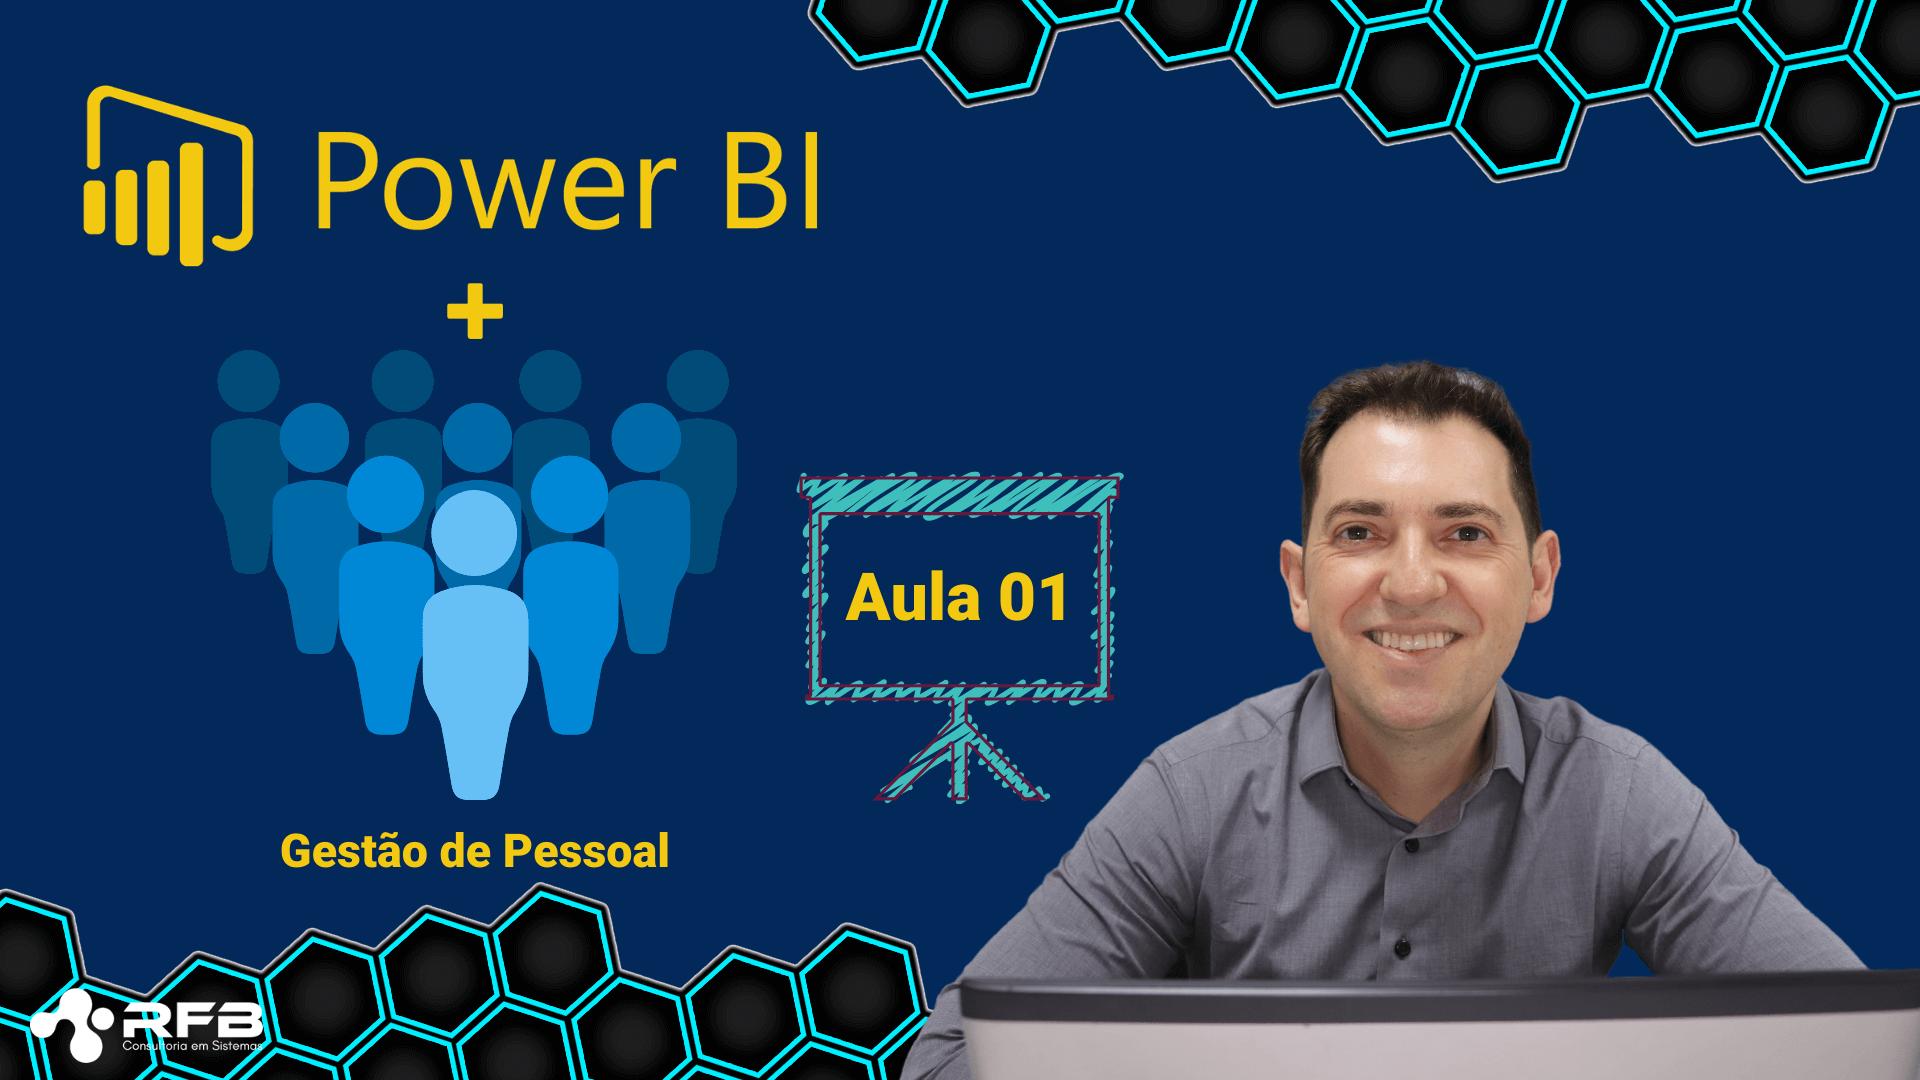 Power BI: aprenda a montar um dashboard de gestão pessoal